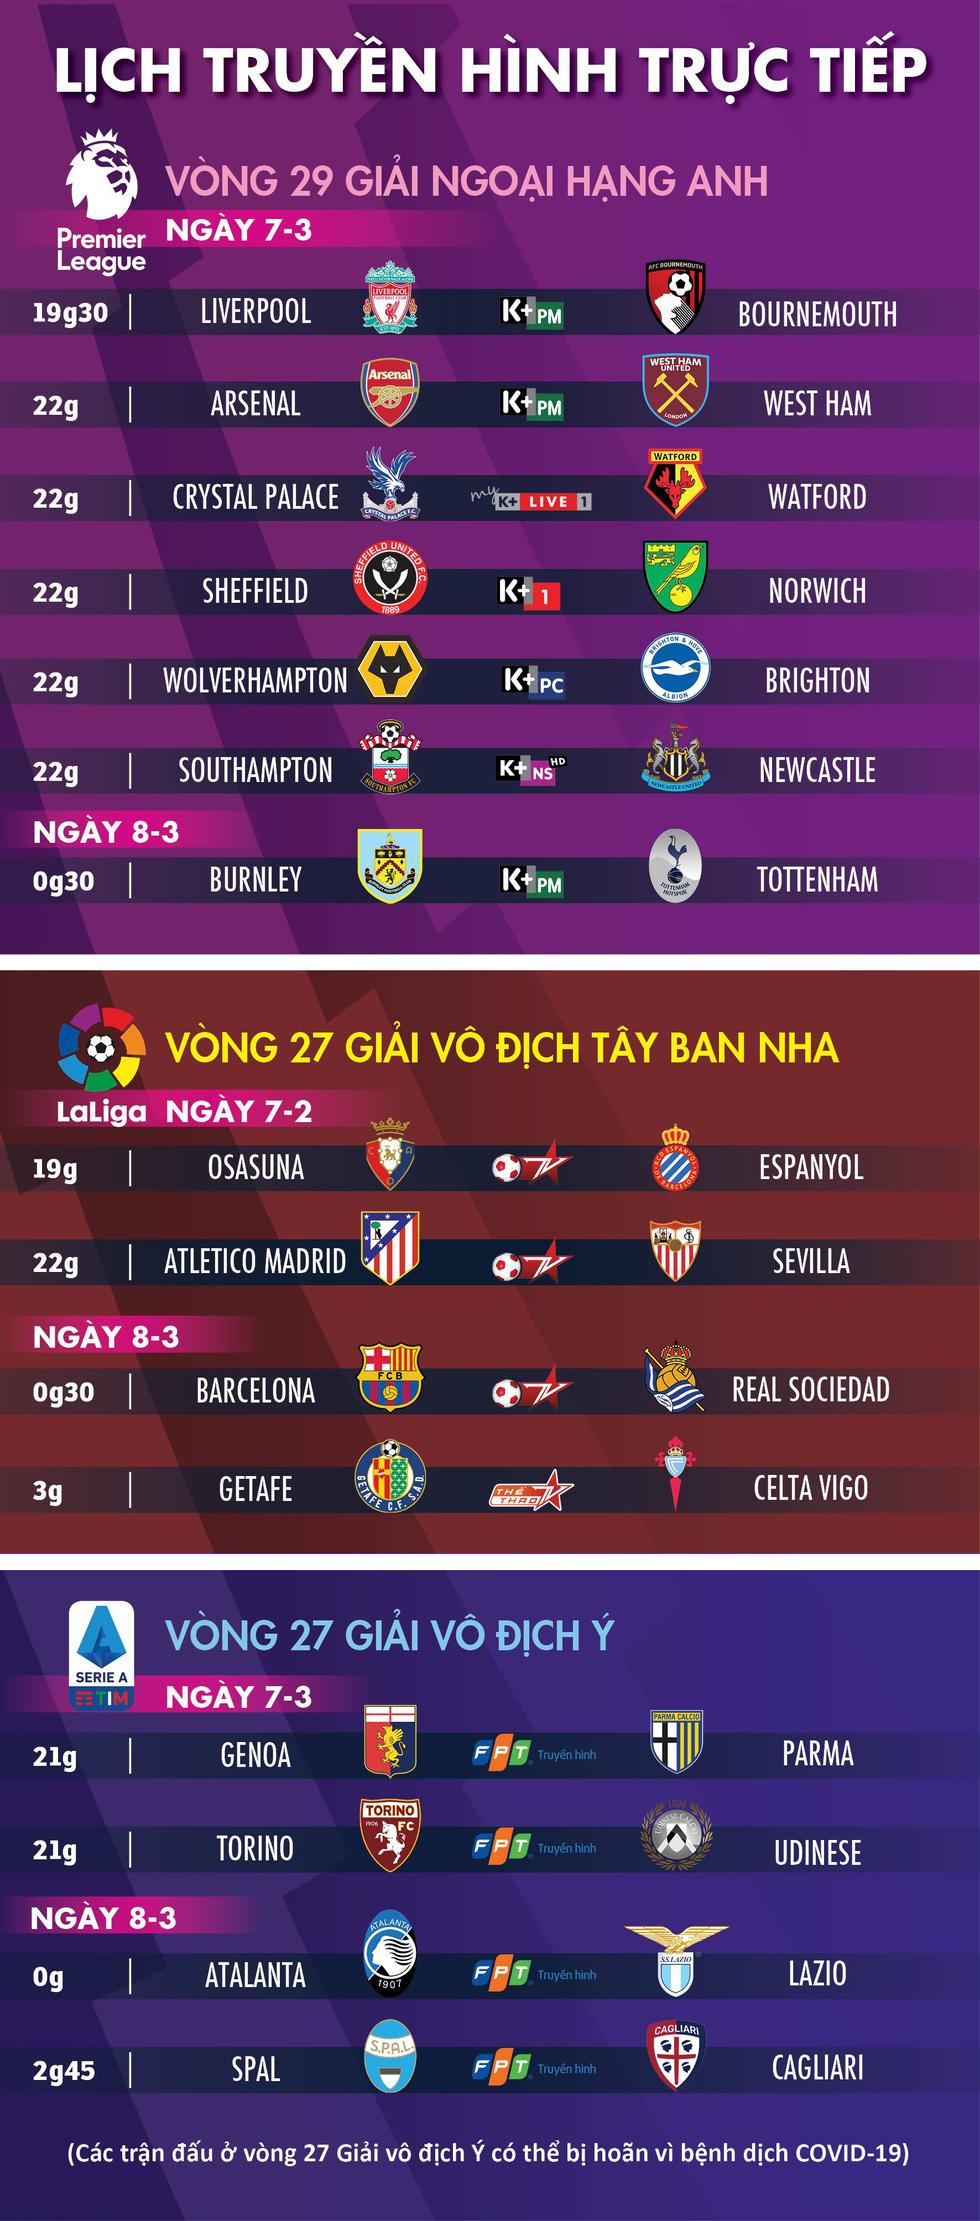 Lịch trực tiếp bóng đá châu Âu ngày 7-3: Liverpool, Arsenal, Tottenham ra sân - Ảnh 1.